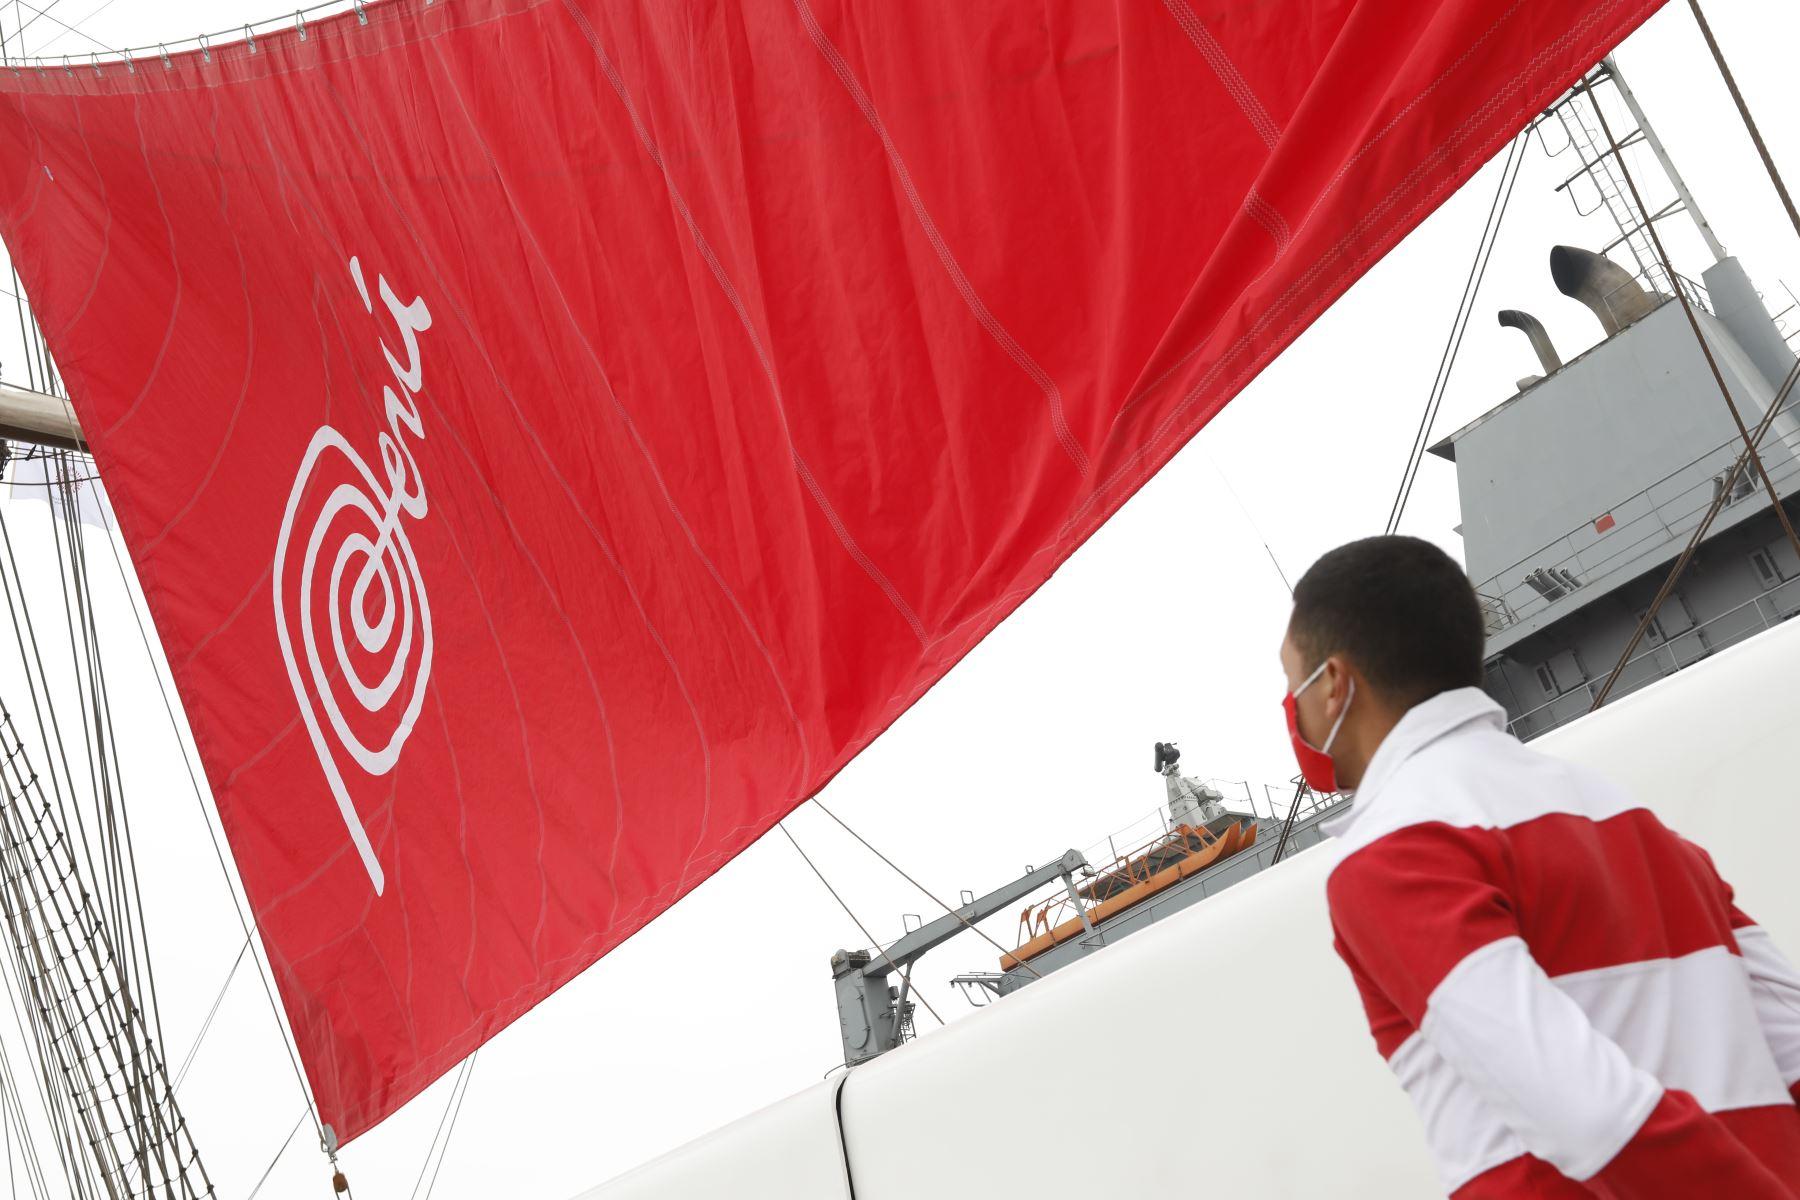 """Ministra de Comercio Exterior y Turismo, Rocio Barrios entregó la  """"Marca Perú """"al BAP Unión; gracias a ello la nave llevará impresa ese logo en su vela principal. Esta actividad se realiza en el marco del Día Mundial del Turismo. Foto: Mincetur"""